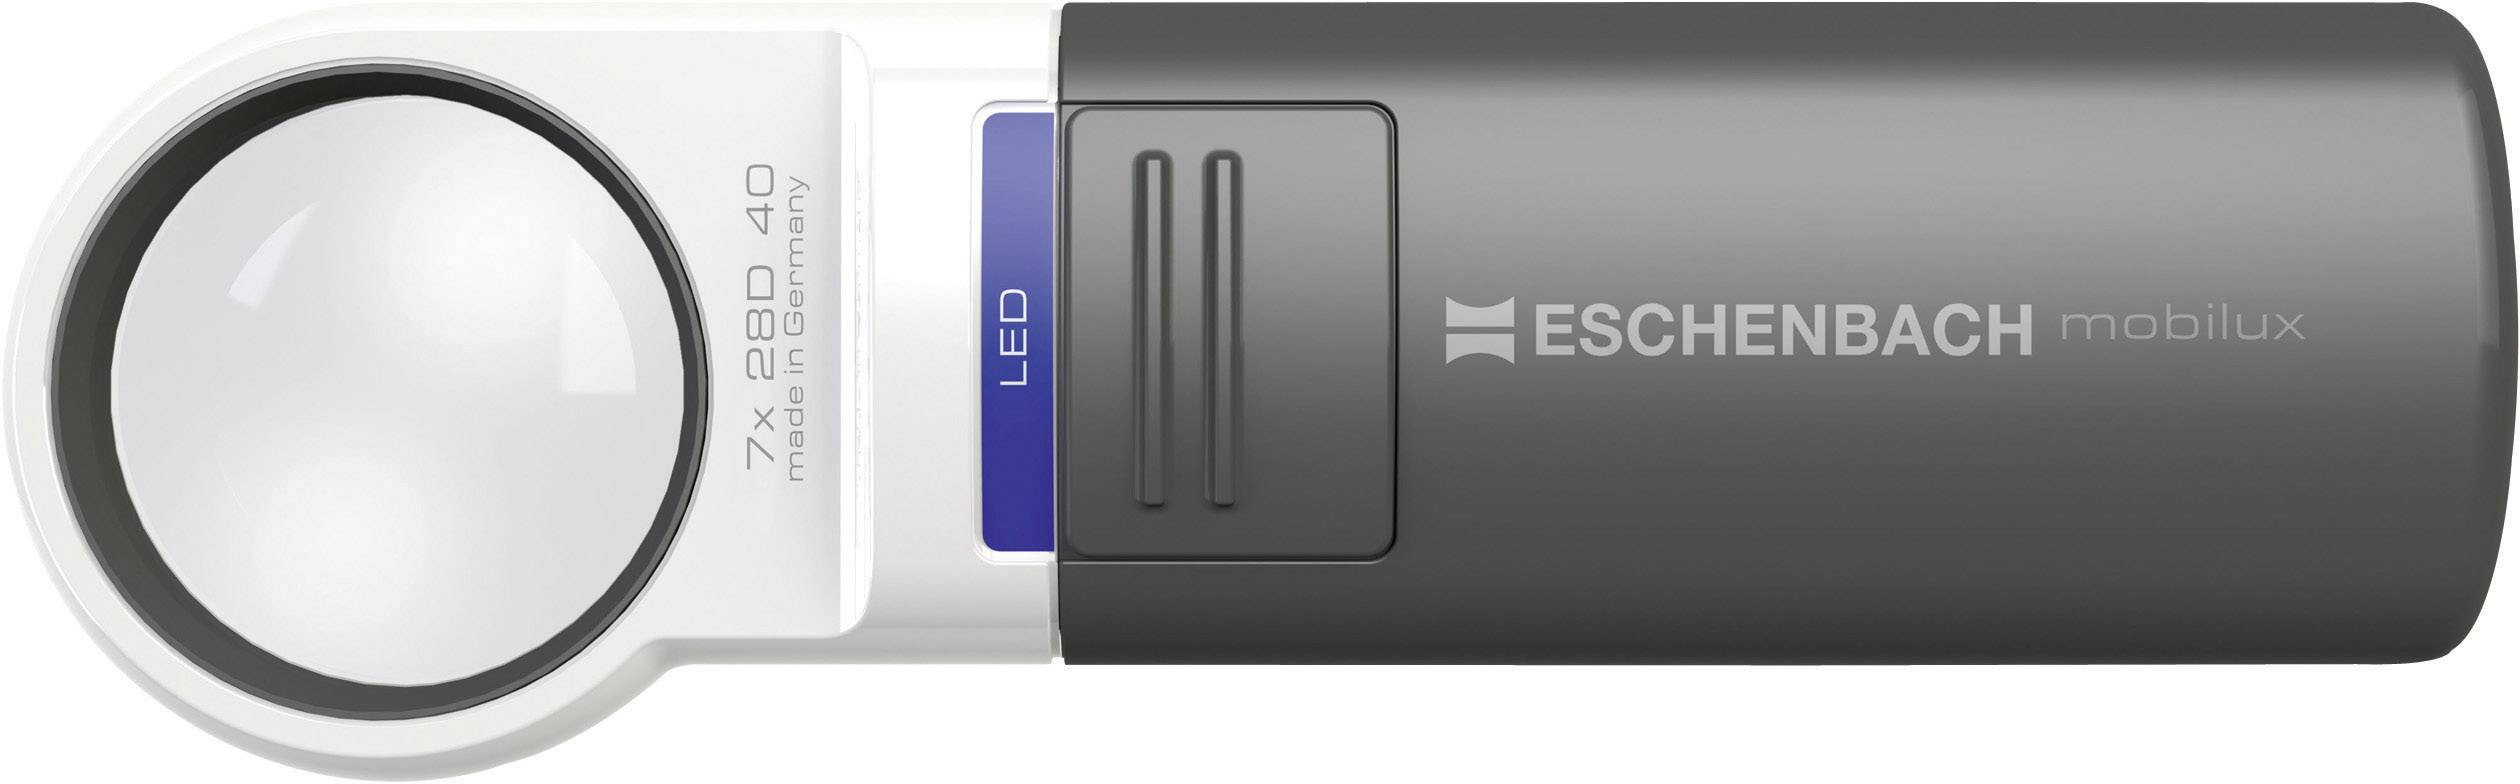 Lupa s LED osvětlením Eschenbach mobilux 15112, 60 mm, 3,0x